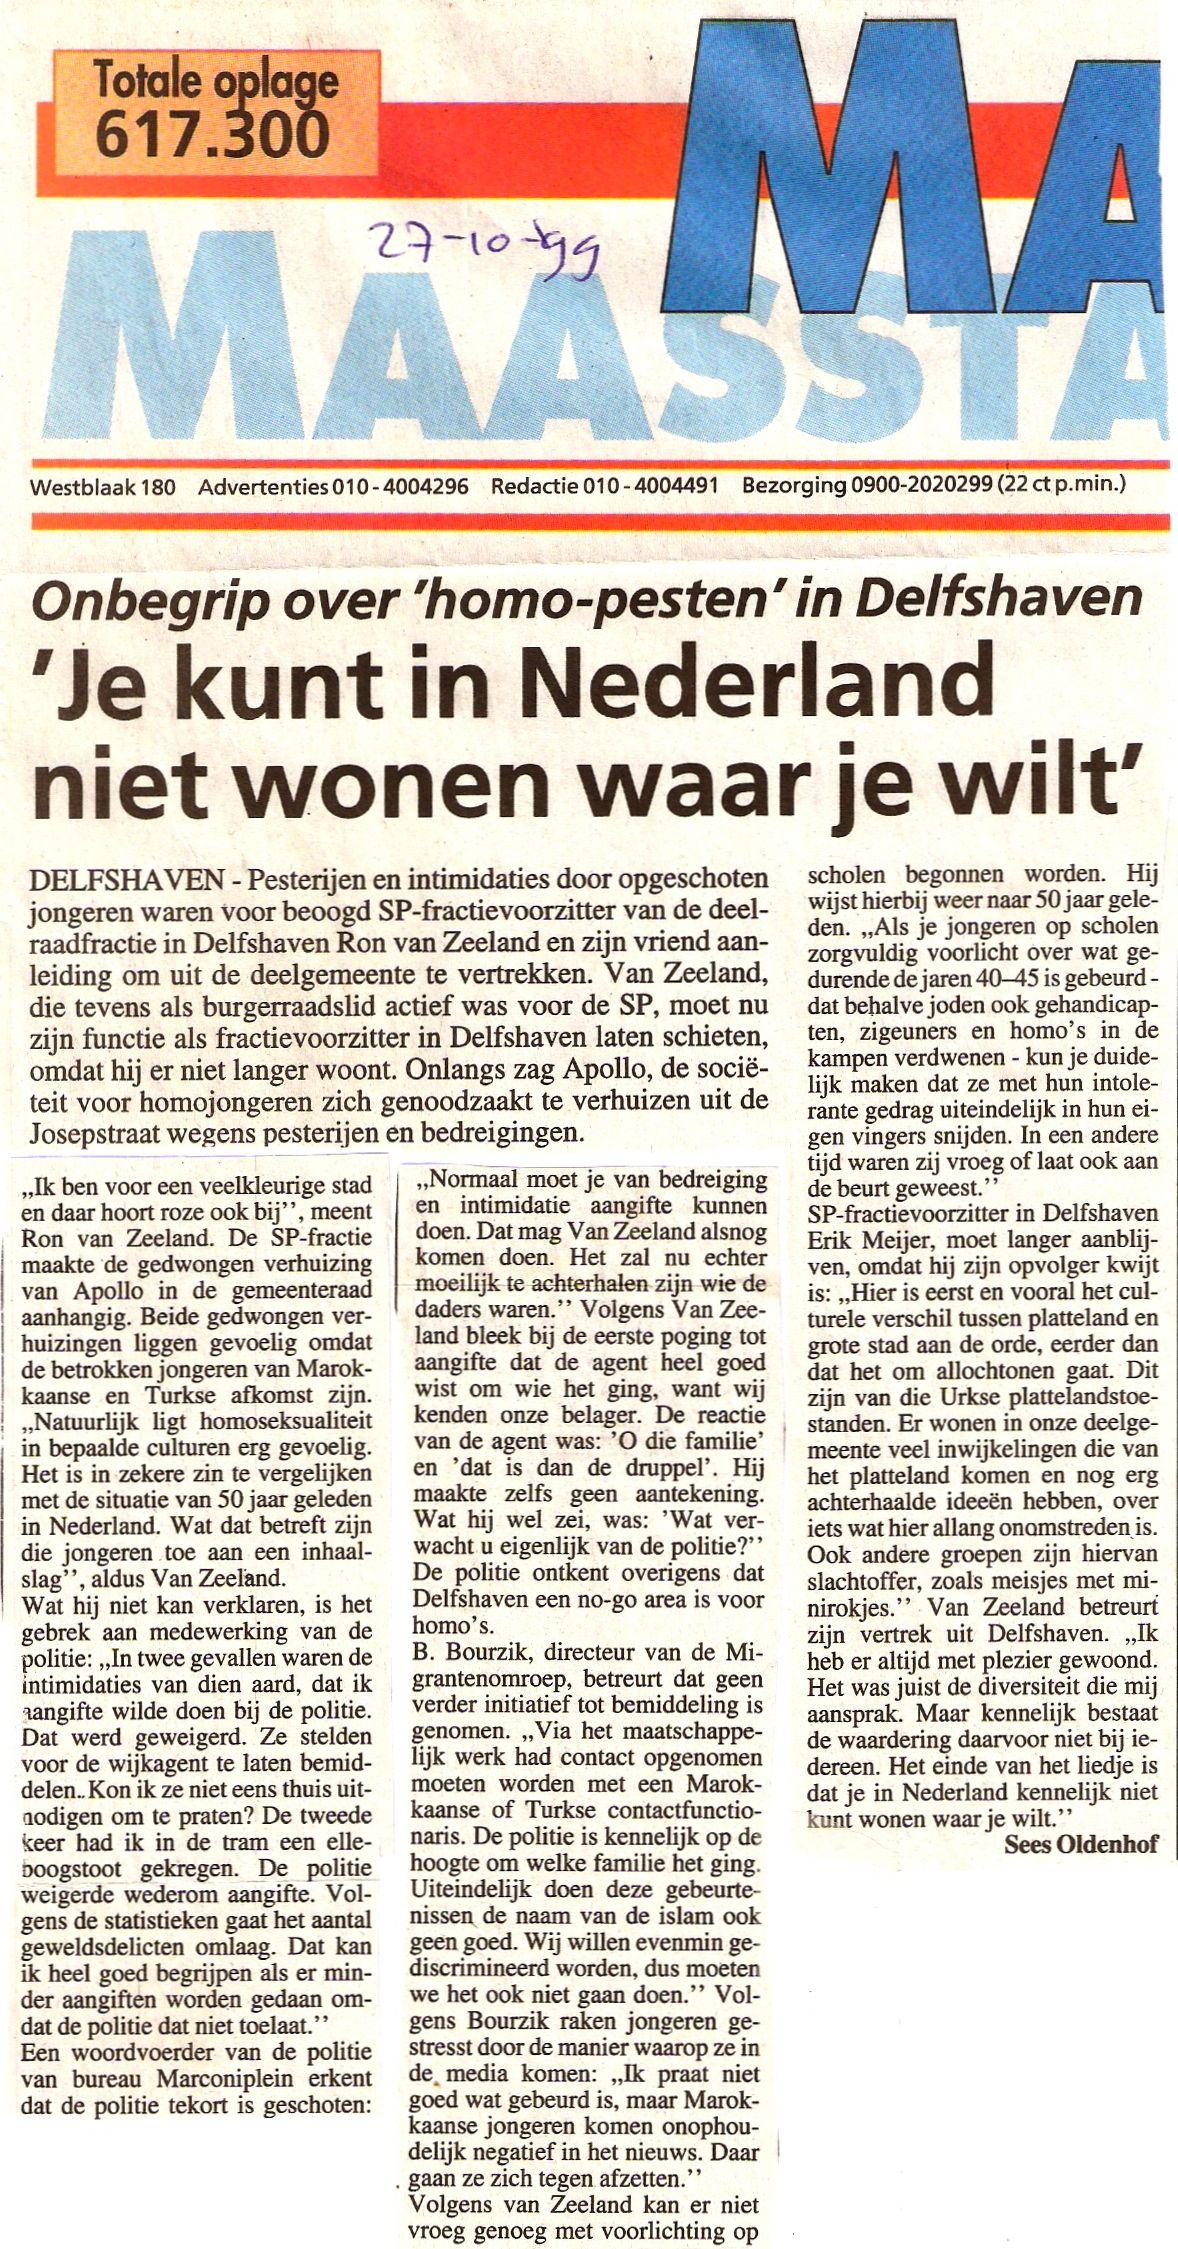 19991027_maasstad_je_kunt_in_nld_niet_wonen_waar_je_wilt